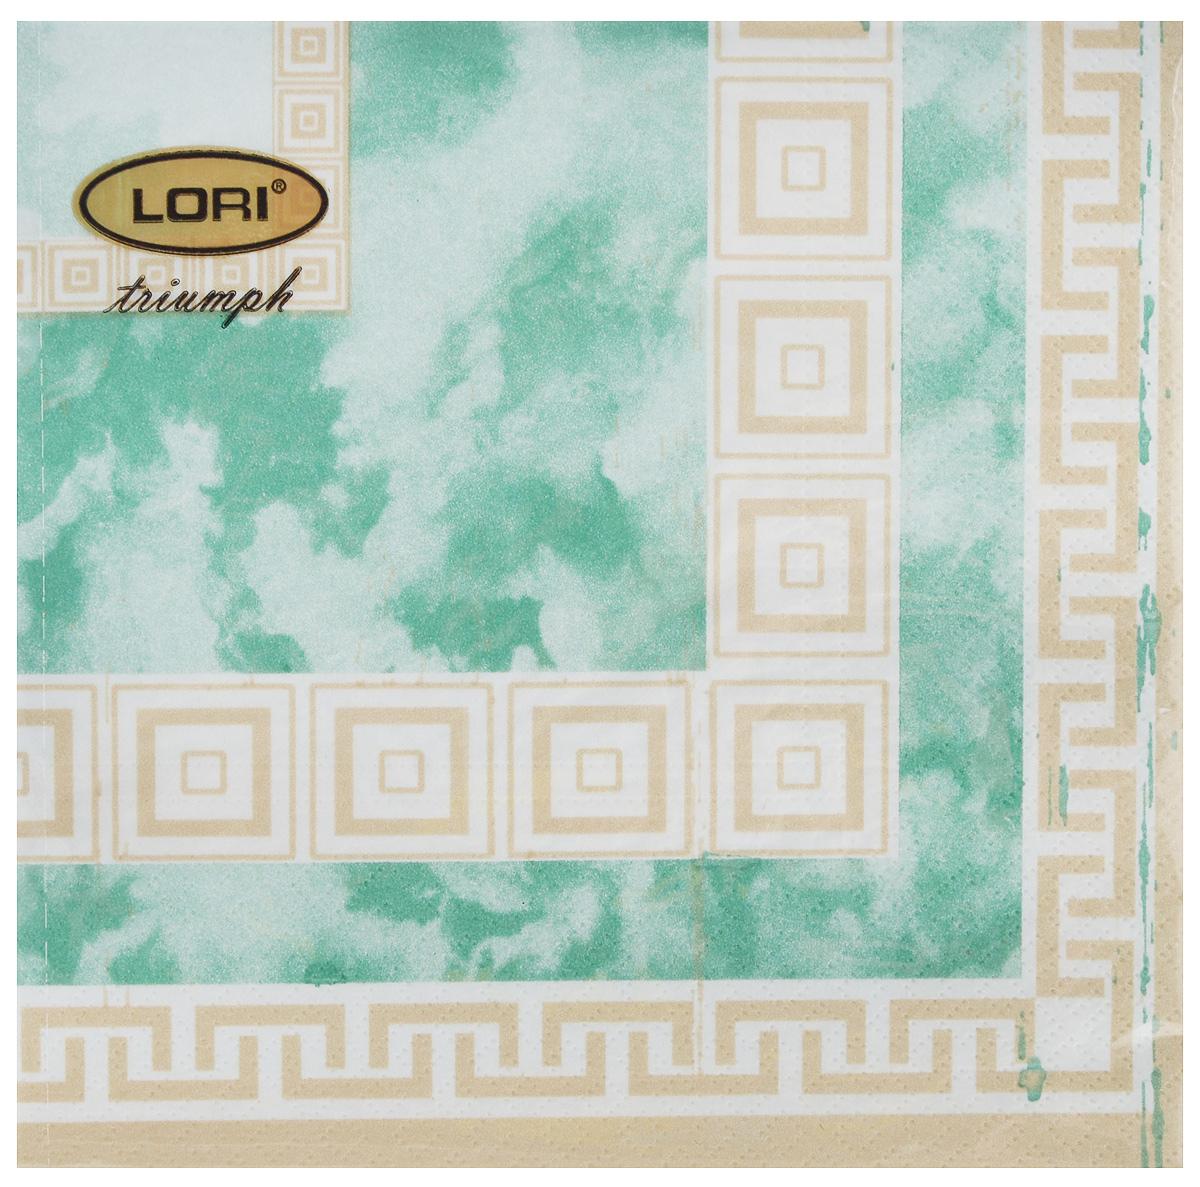 Салфетки бумажные Lori Triumph, трехслойные, цвет: зеленый, светло-коричневый, 33 х 33 см, 20 шт56135Декоративные трехслойные салфетки Lori Triumph выполнены из 100% целлюлозы и оформлены ярким рисунком. Изделия станут отличным дополнением любого праздничного стола. Они отличаются необычной мягкостью, прочностью и оригинальностью.Размер салфеток в развернутом виде: 33 х 33 см.